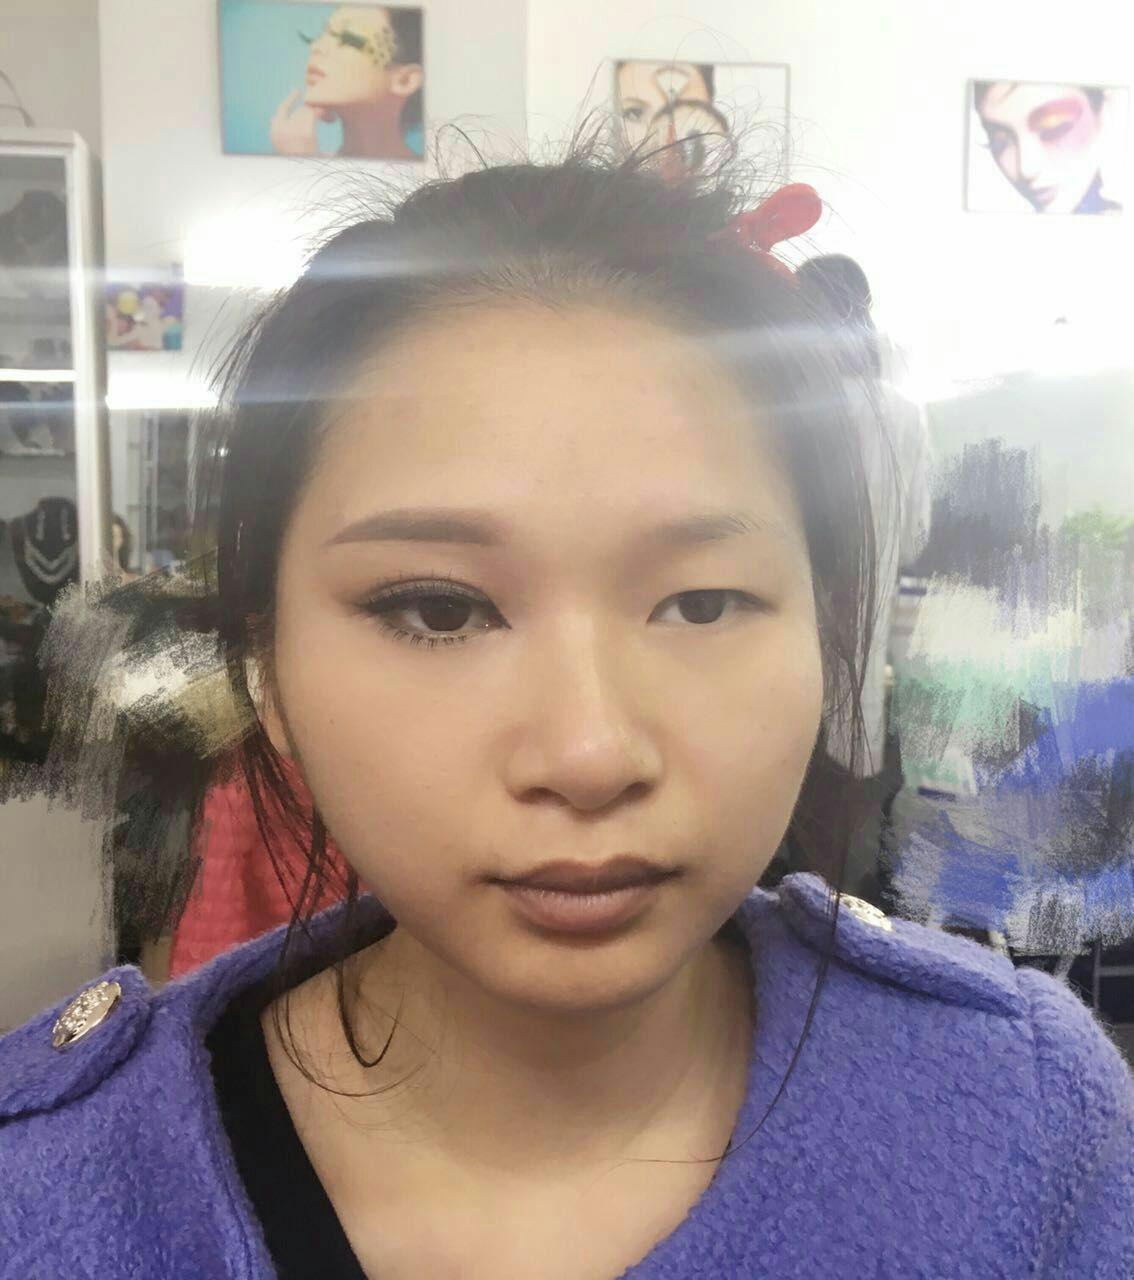 罗曼半永久化妆造型培训学校罗曼半永久化妆造型培训学校 个人日常美图片